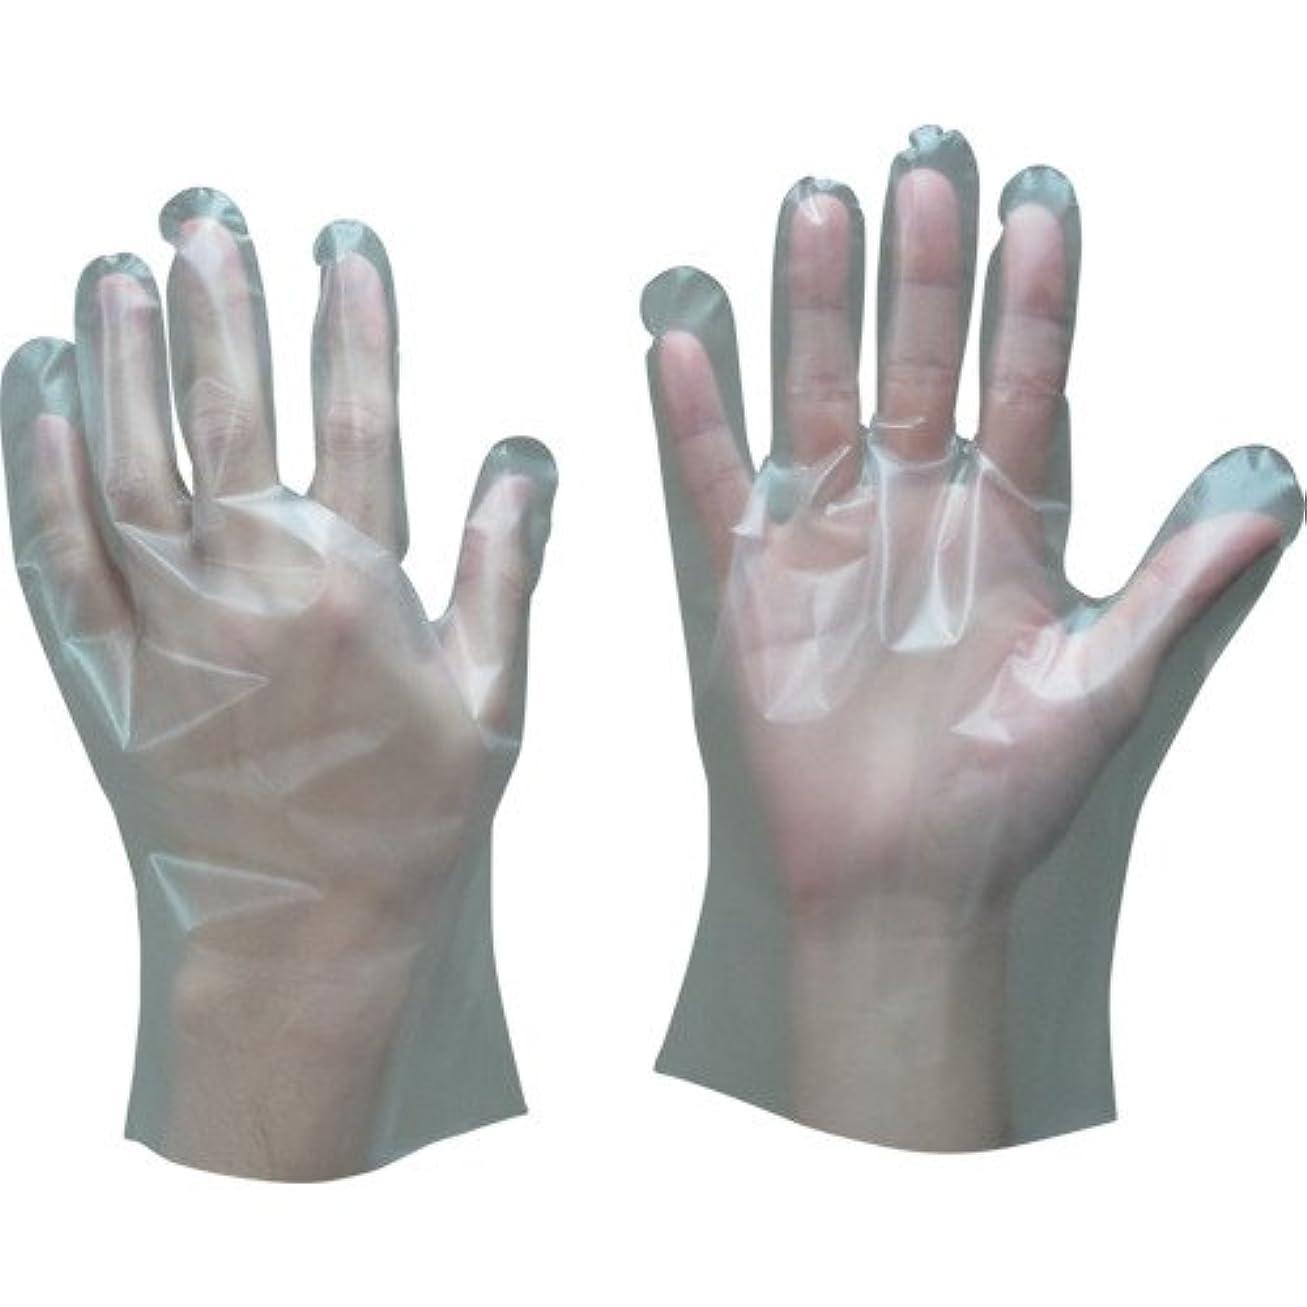 義務付けられた受け入れる対応する株 東和コーポレーション トワロン ポリエチレン手袋内エンボス 100枚入 M 409-M